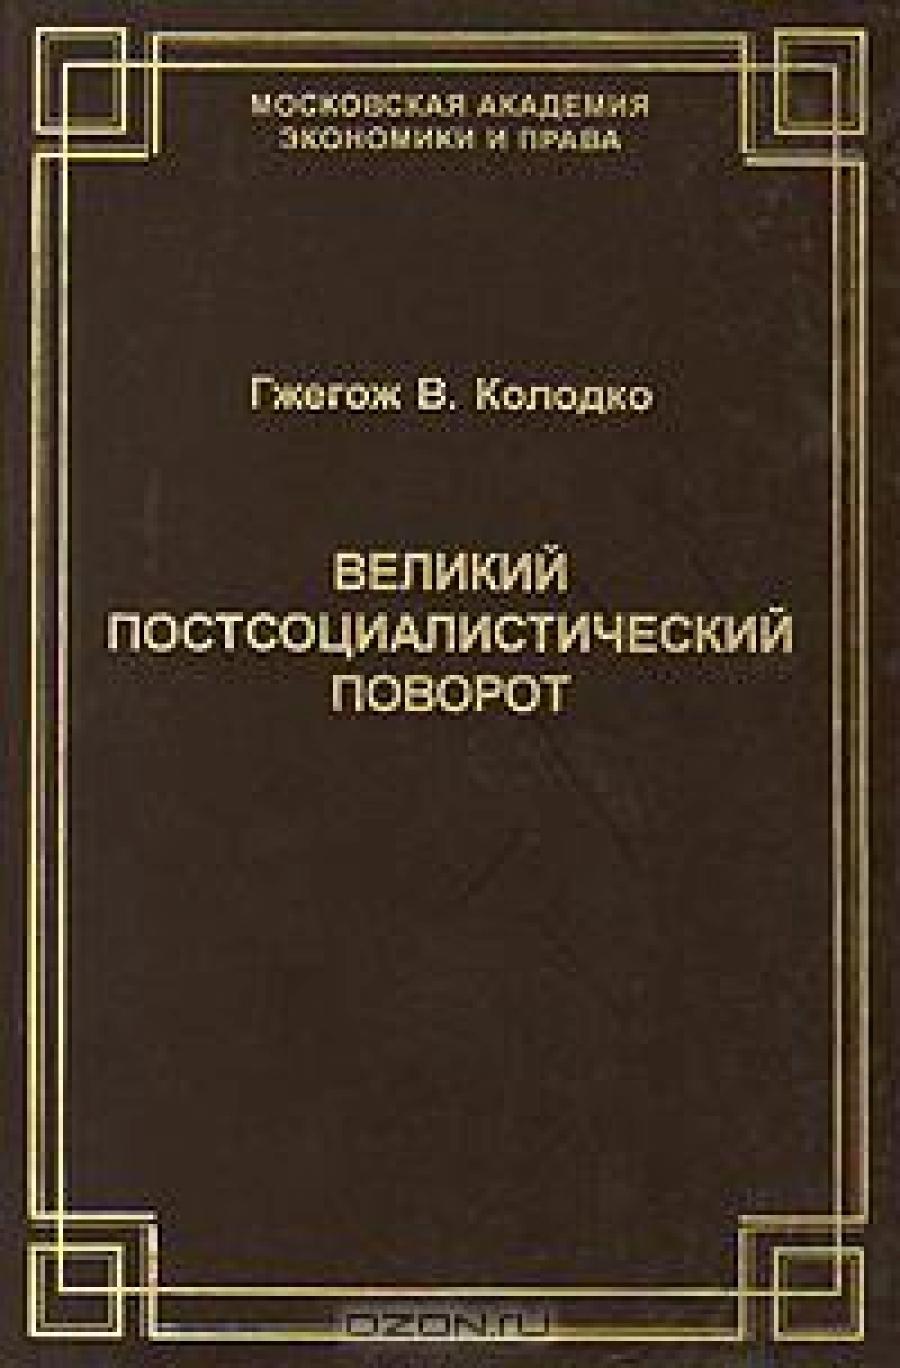 Обложка книги:  колодко г.в. - великий постсоциалистический поворот